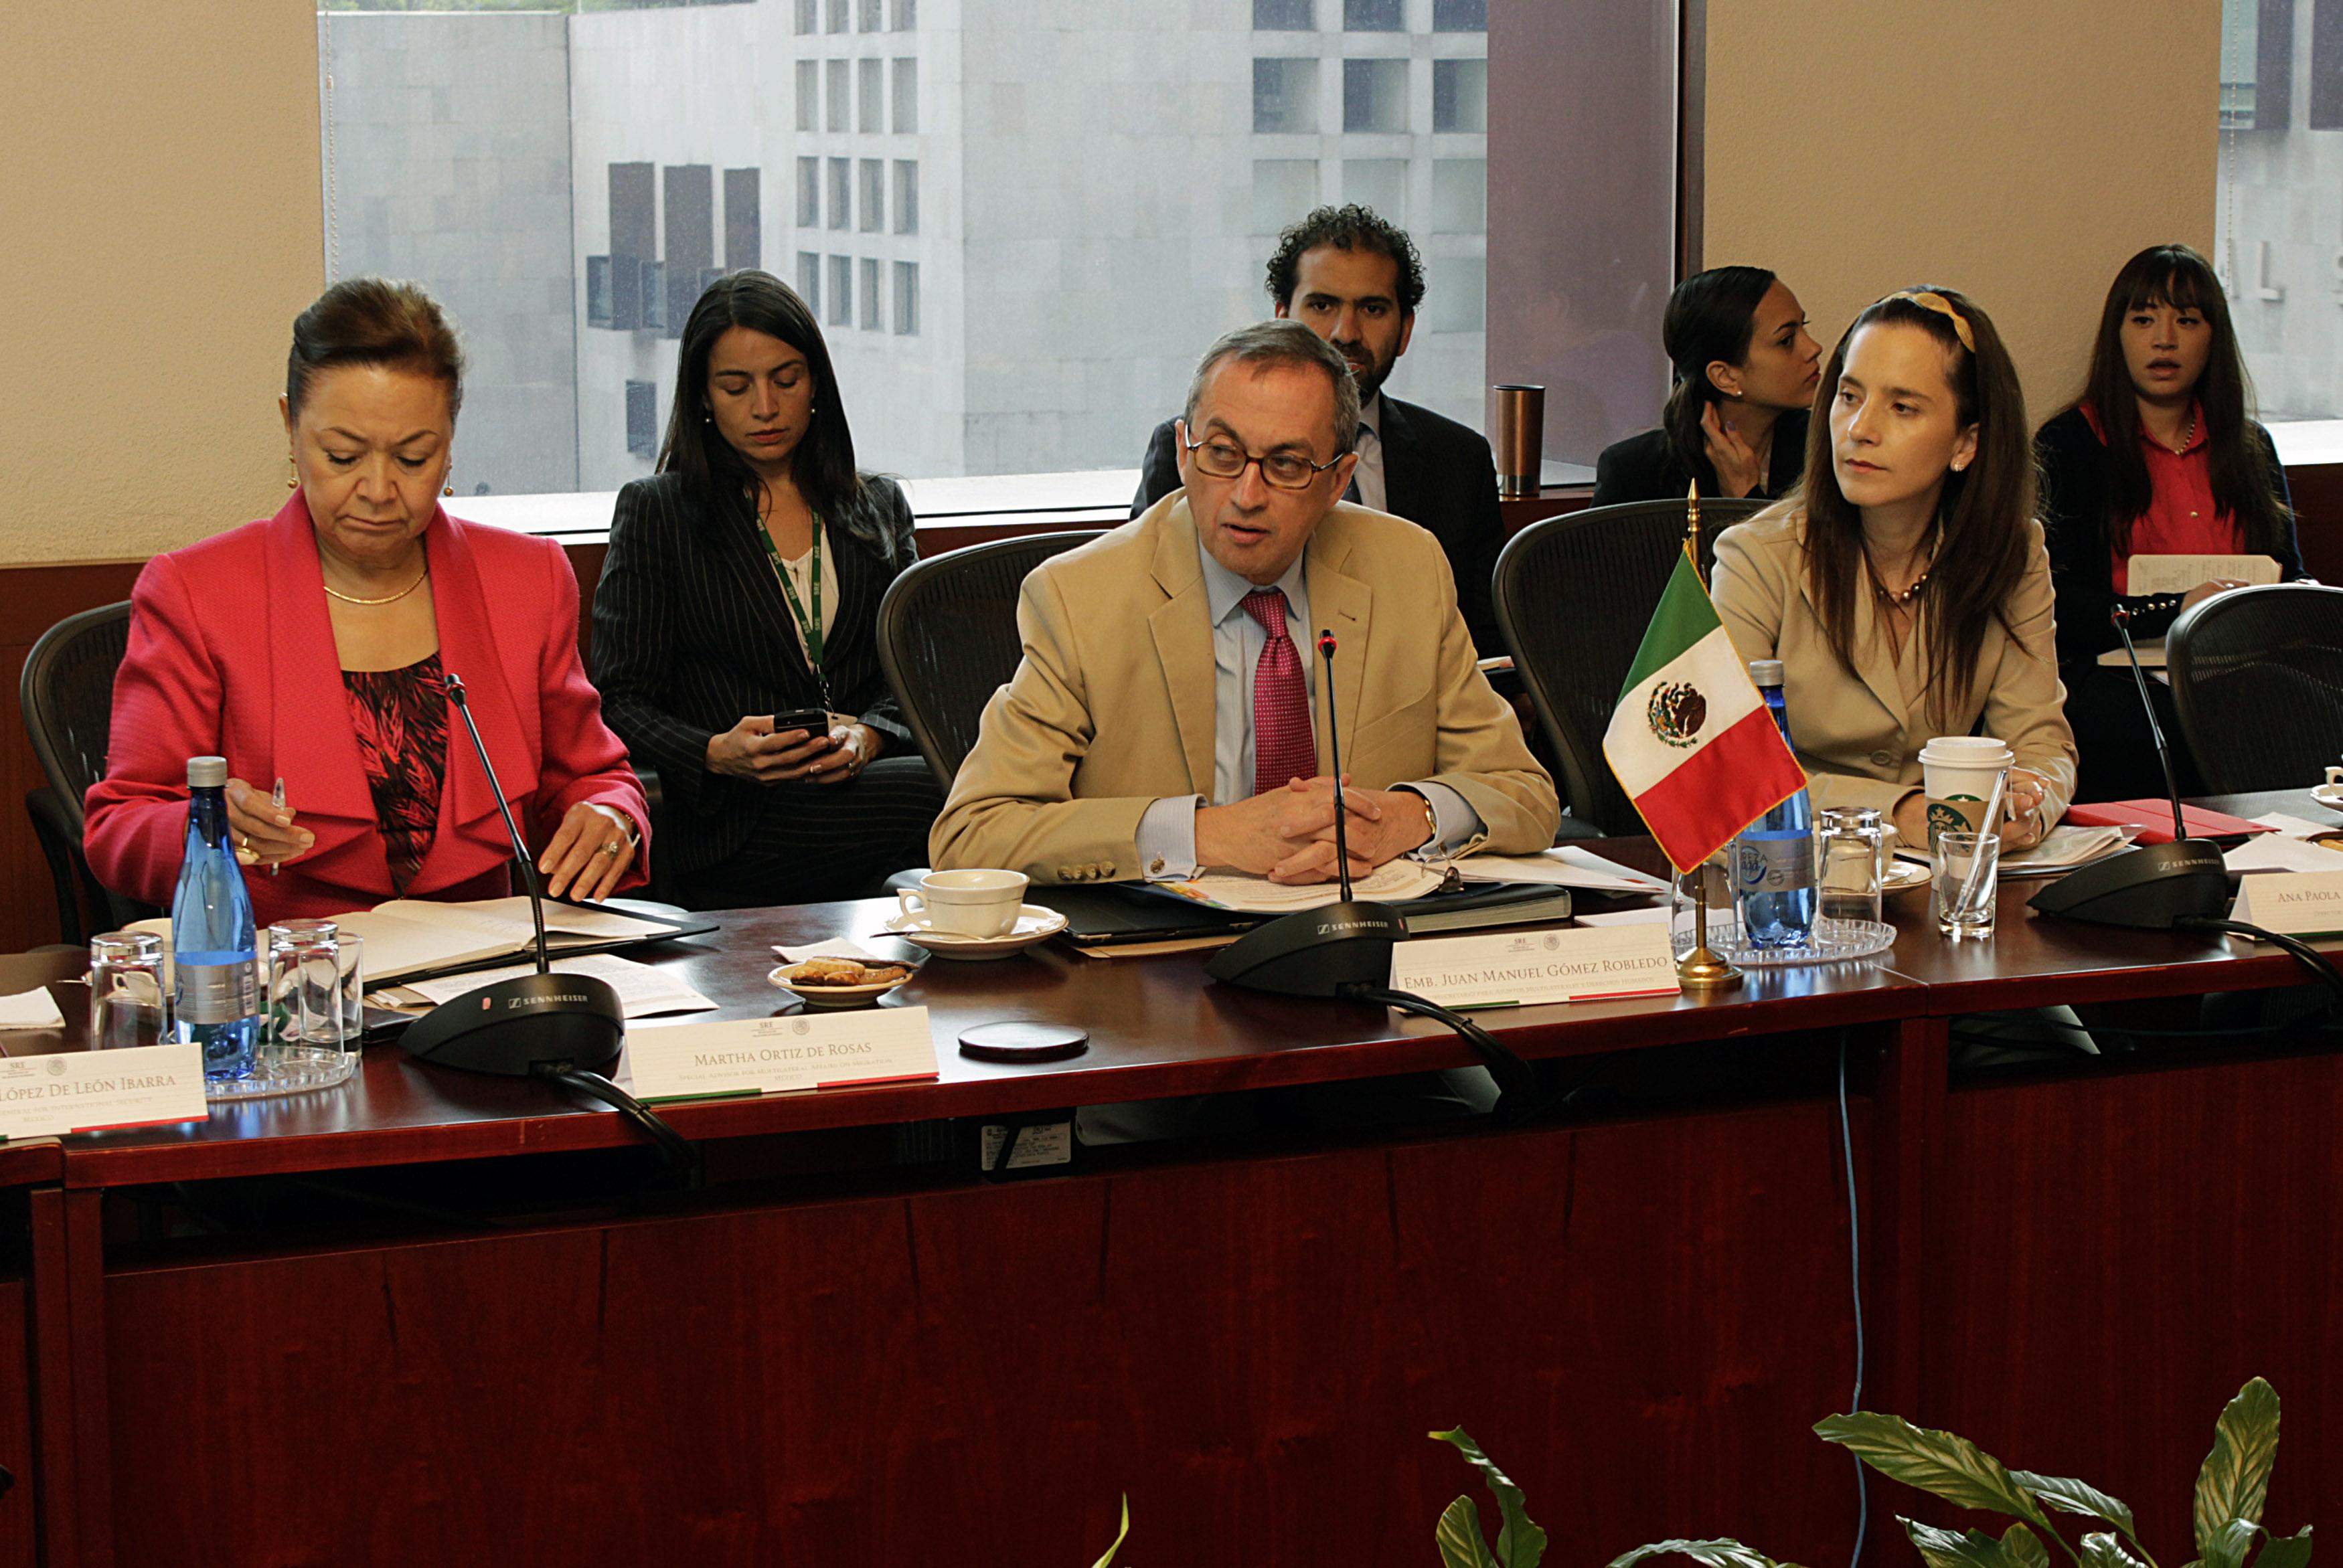 FOTO 1 Concluye consulta trilateral entre M xico  Canad  y Estados Unidosjpg